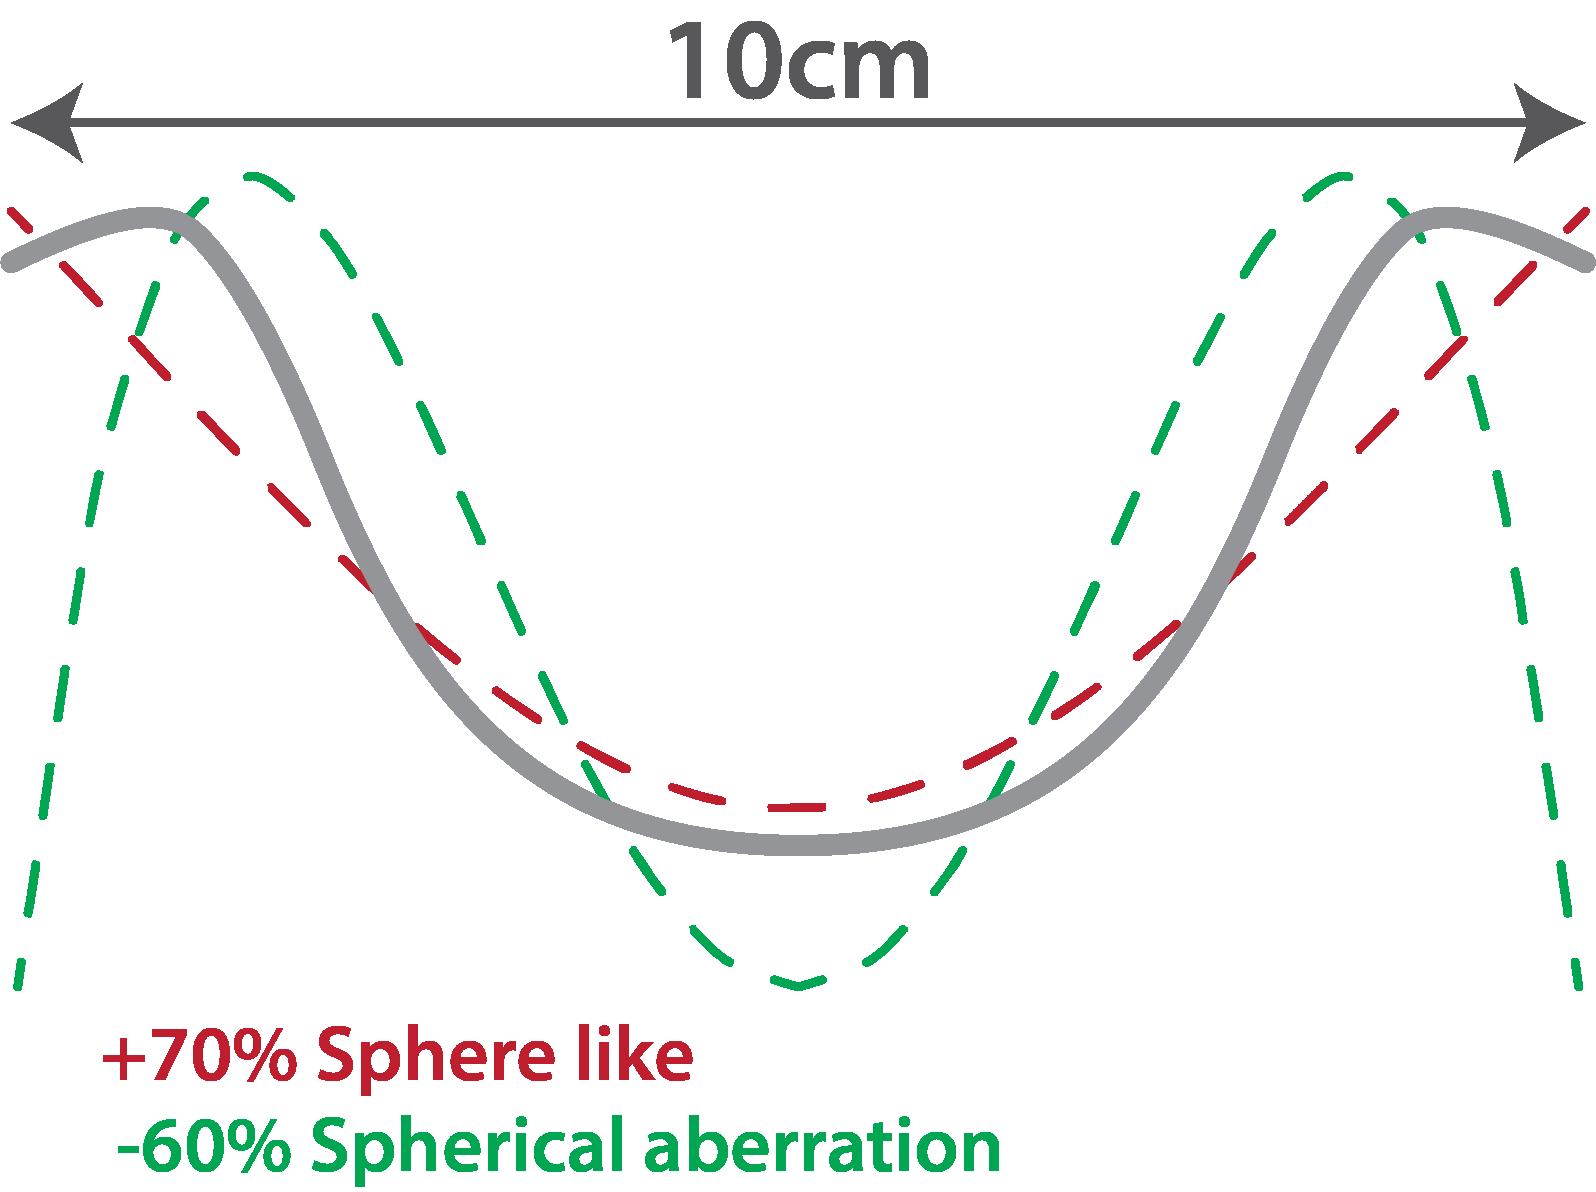 Spherical aberration bowl comparison 10cm